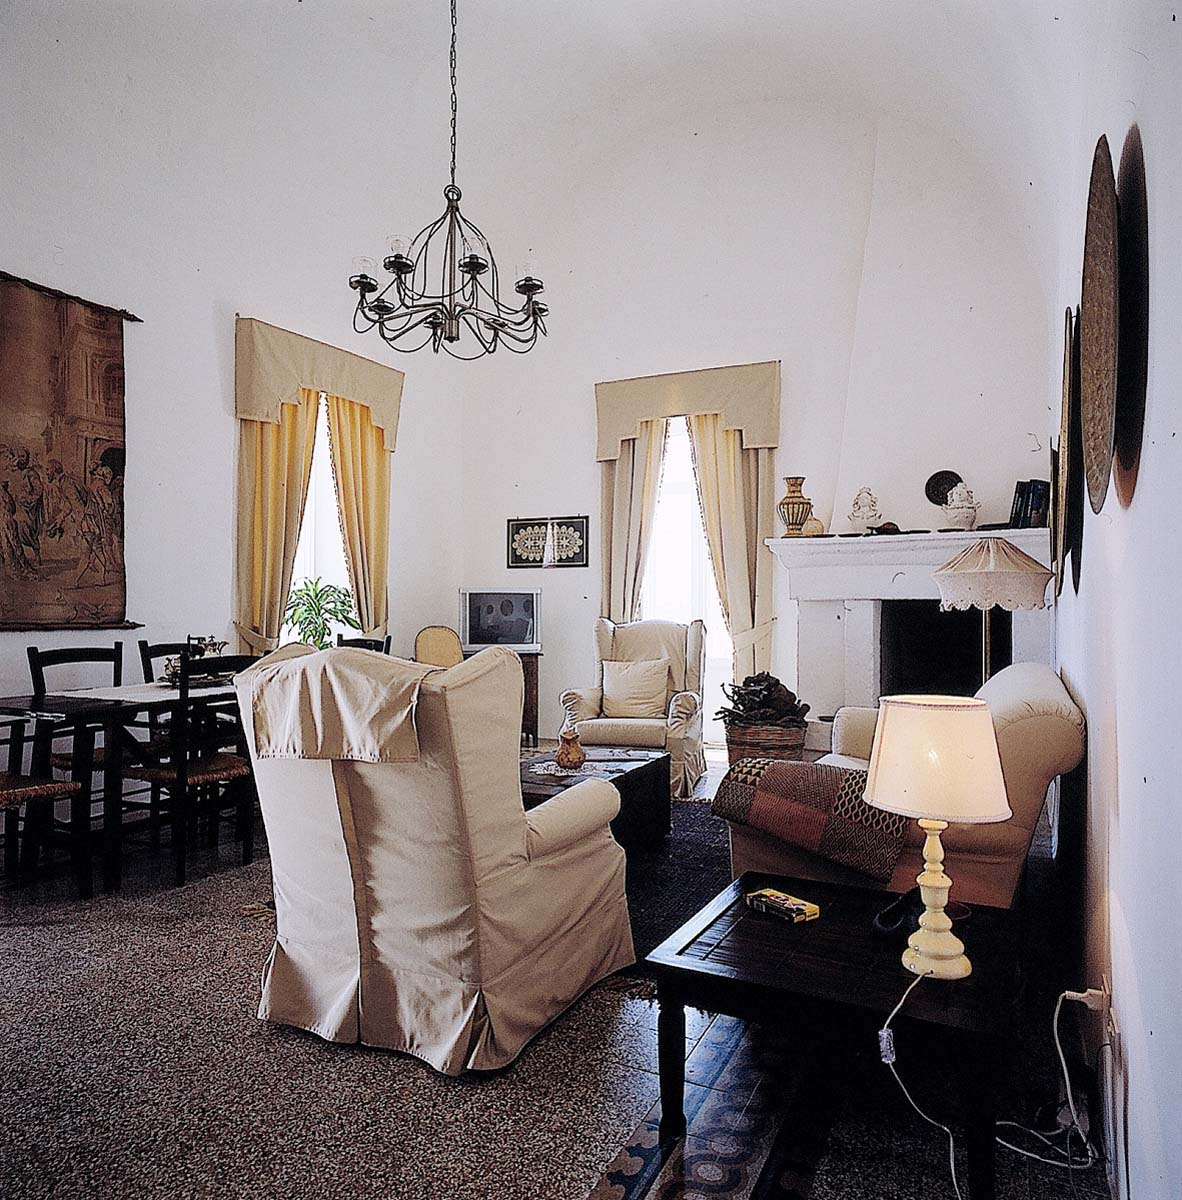 Masseria Torre Coccaro yourescape (110)